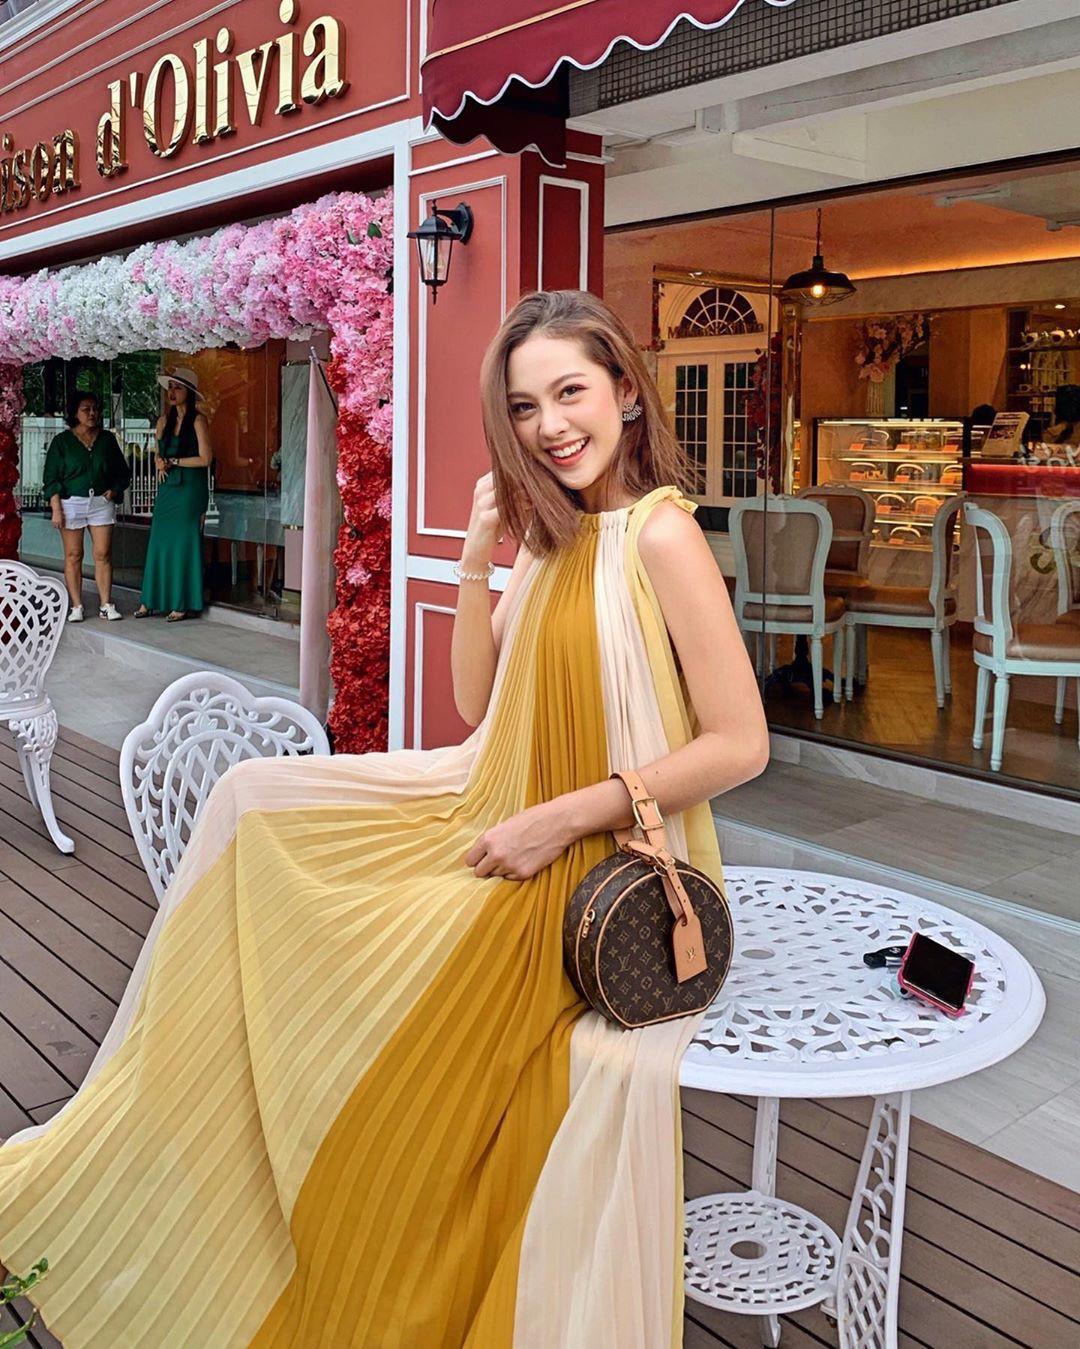 Trời vào thu mát mẻ, các quý cô Châu Á lại được dịp 'bung lụa' với loạt các thiết kế đầy màu sắc - Ảnh 1